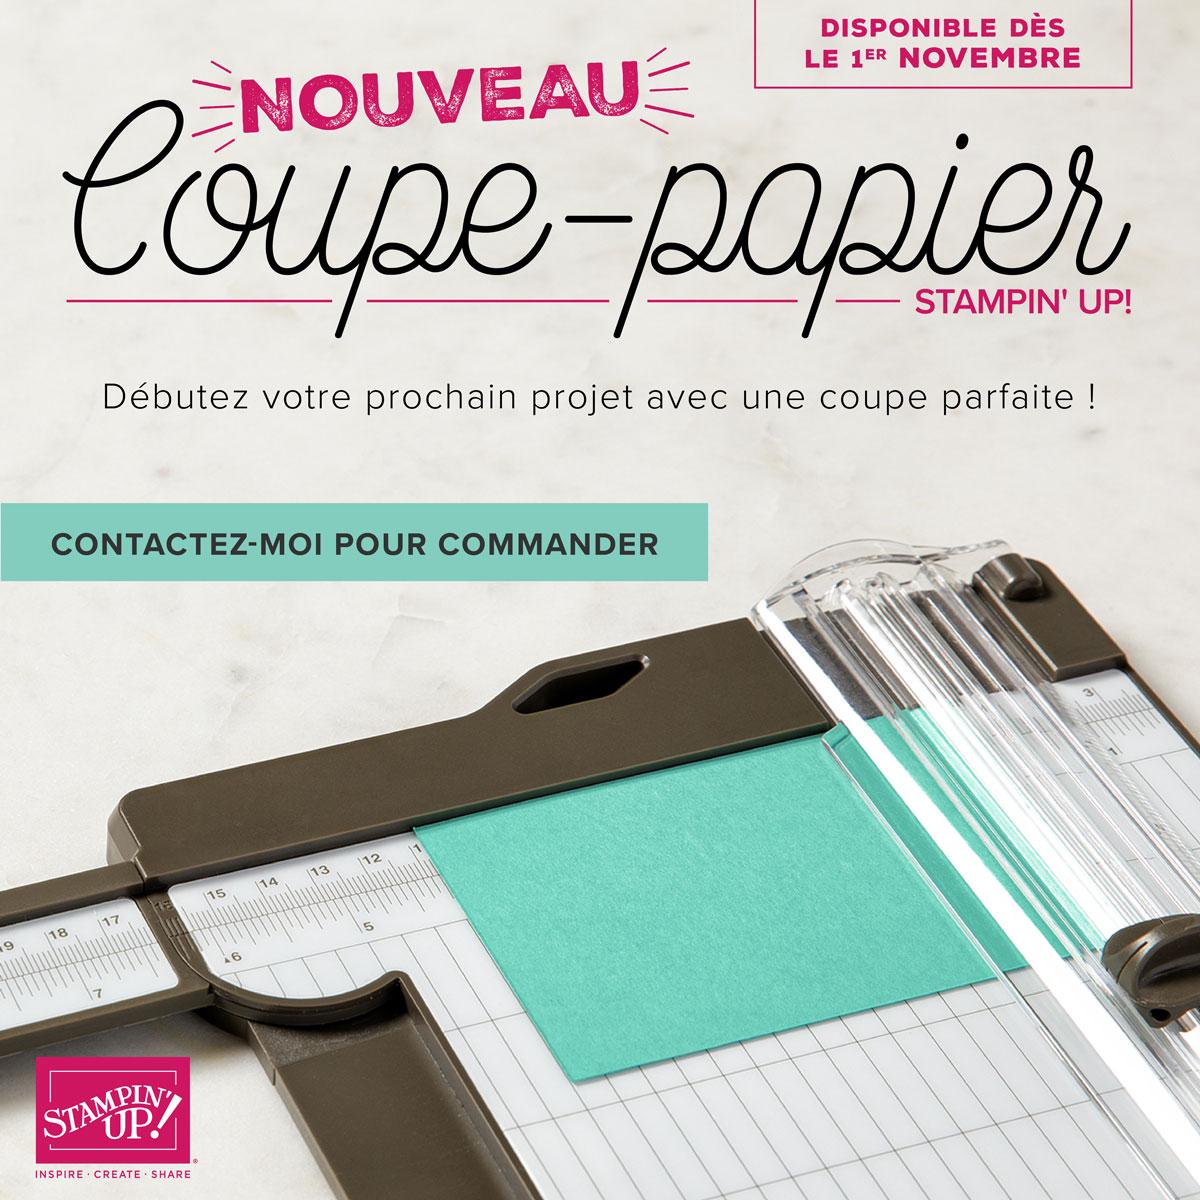 Commandez le nouveau coupe papier Stampin up 2019 !